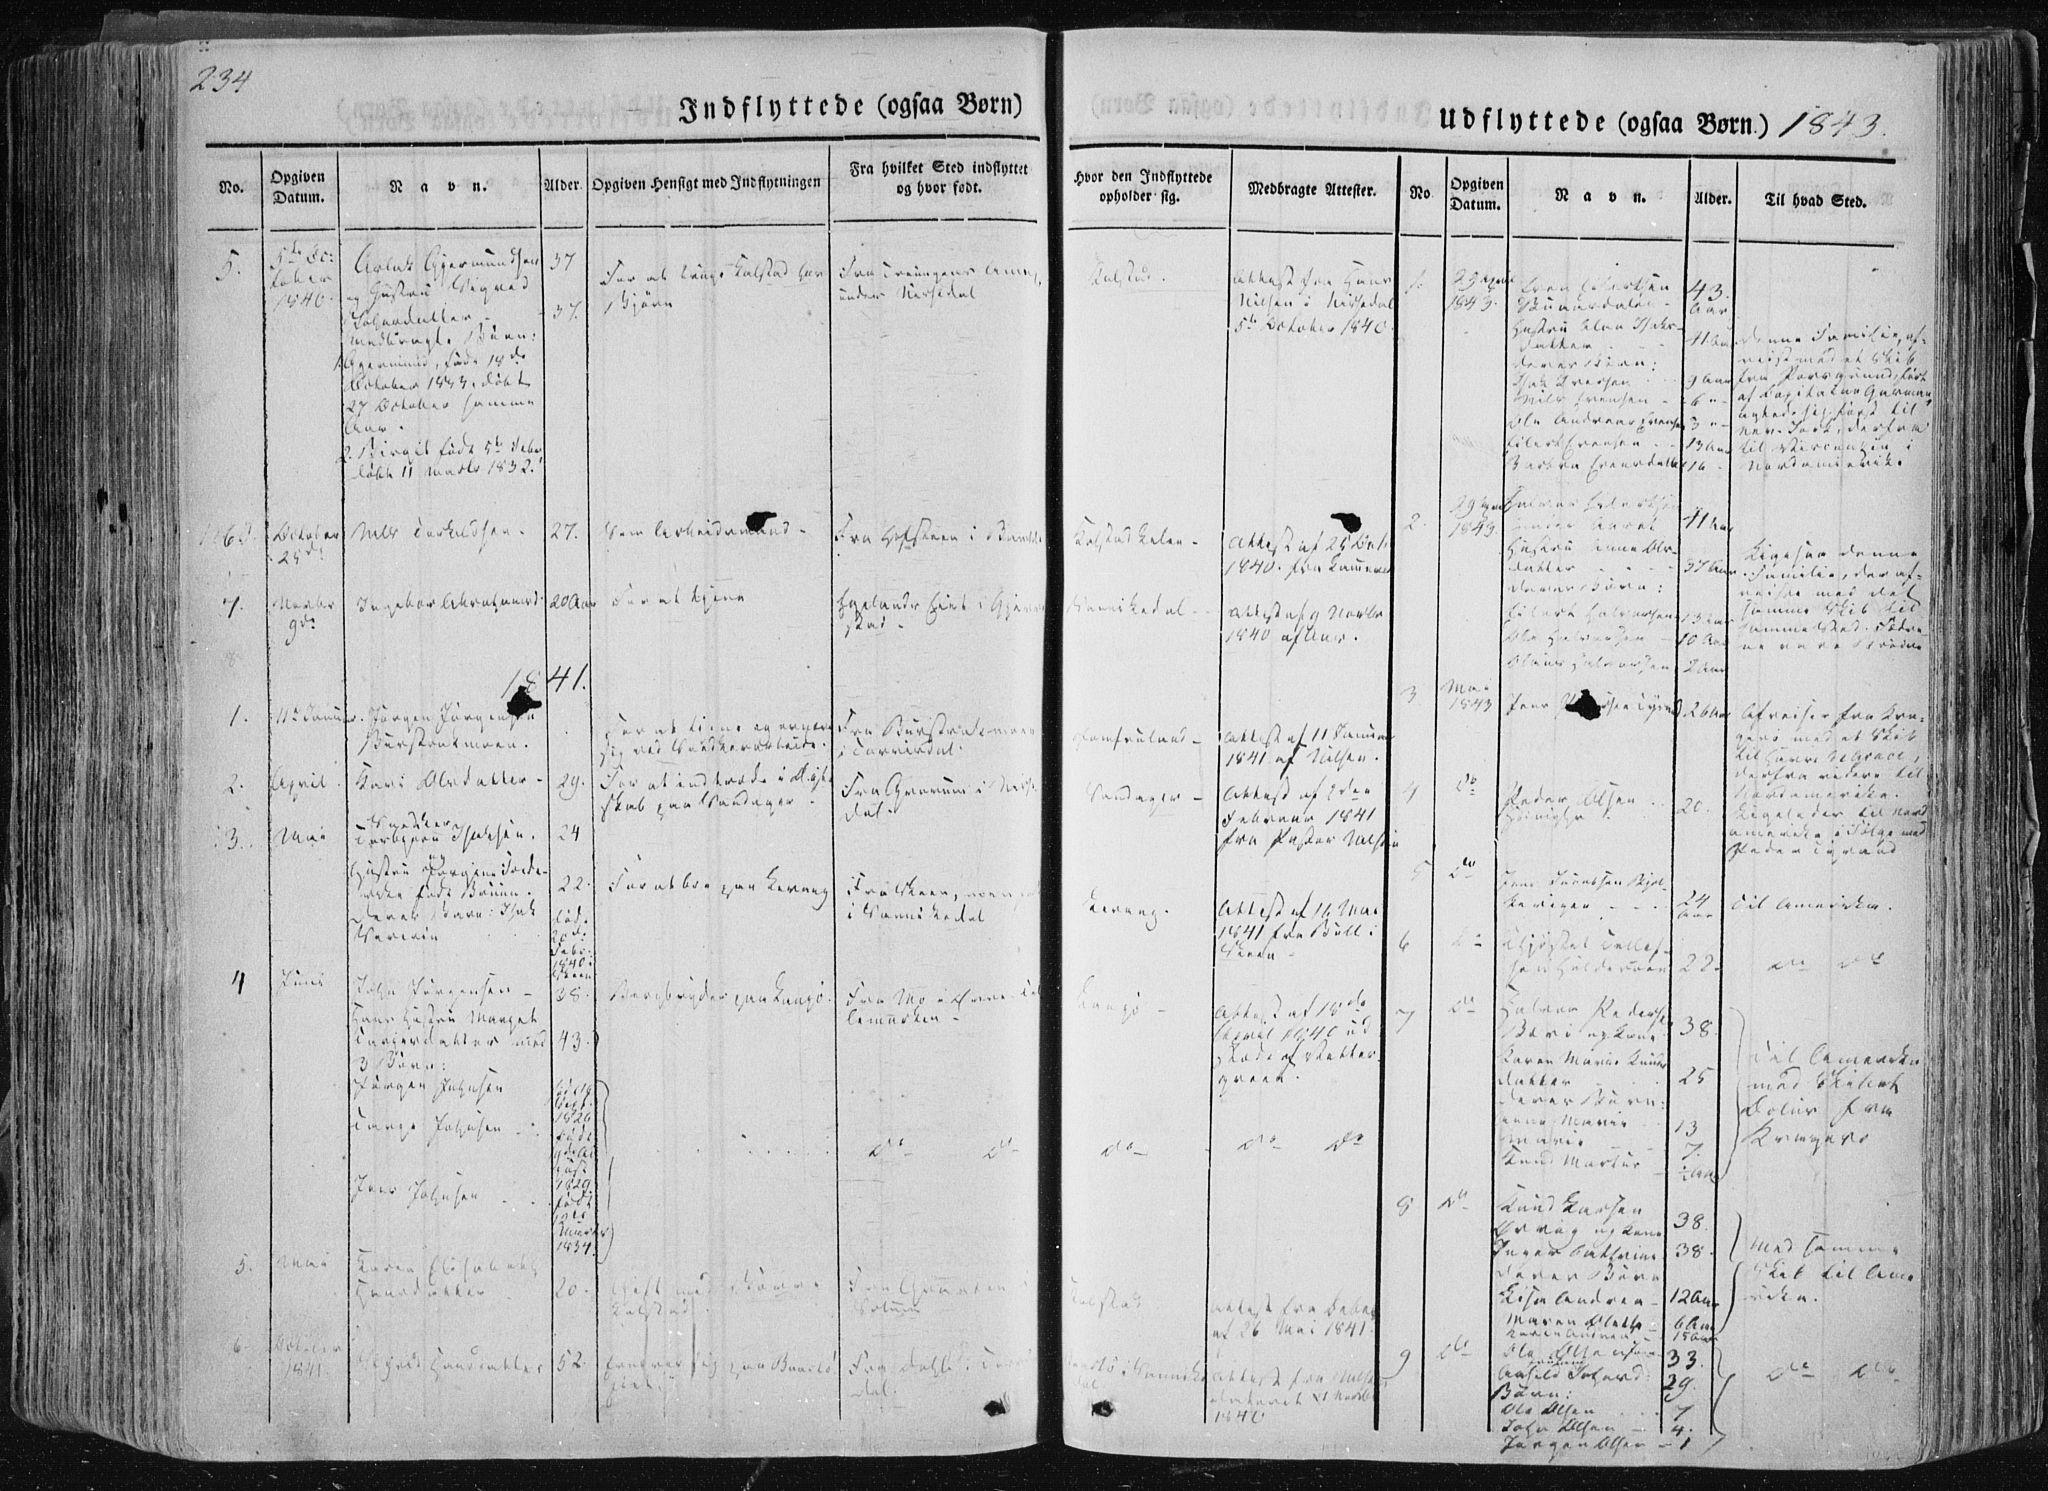 SAKO, Sannidal kirkebøker, F/Fa/L0007: Ministerialbok nr. 7, 1831-1854, s. 234